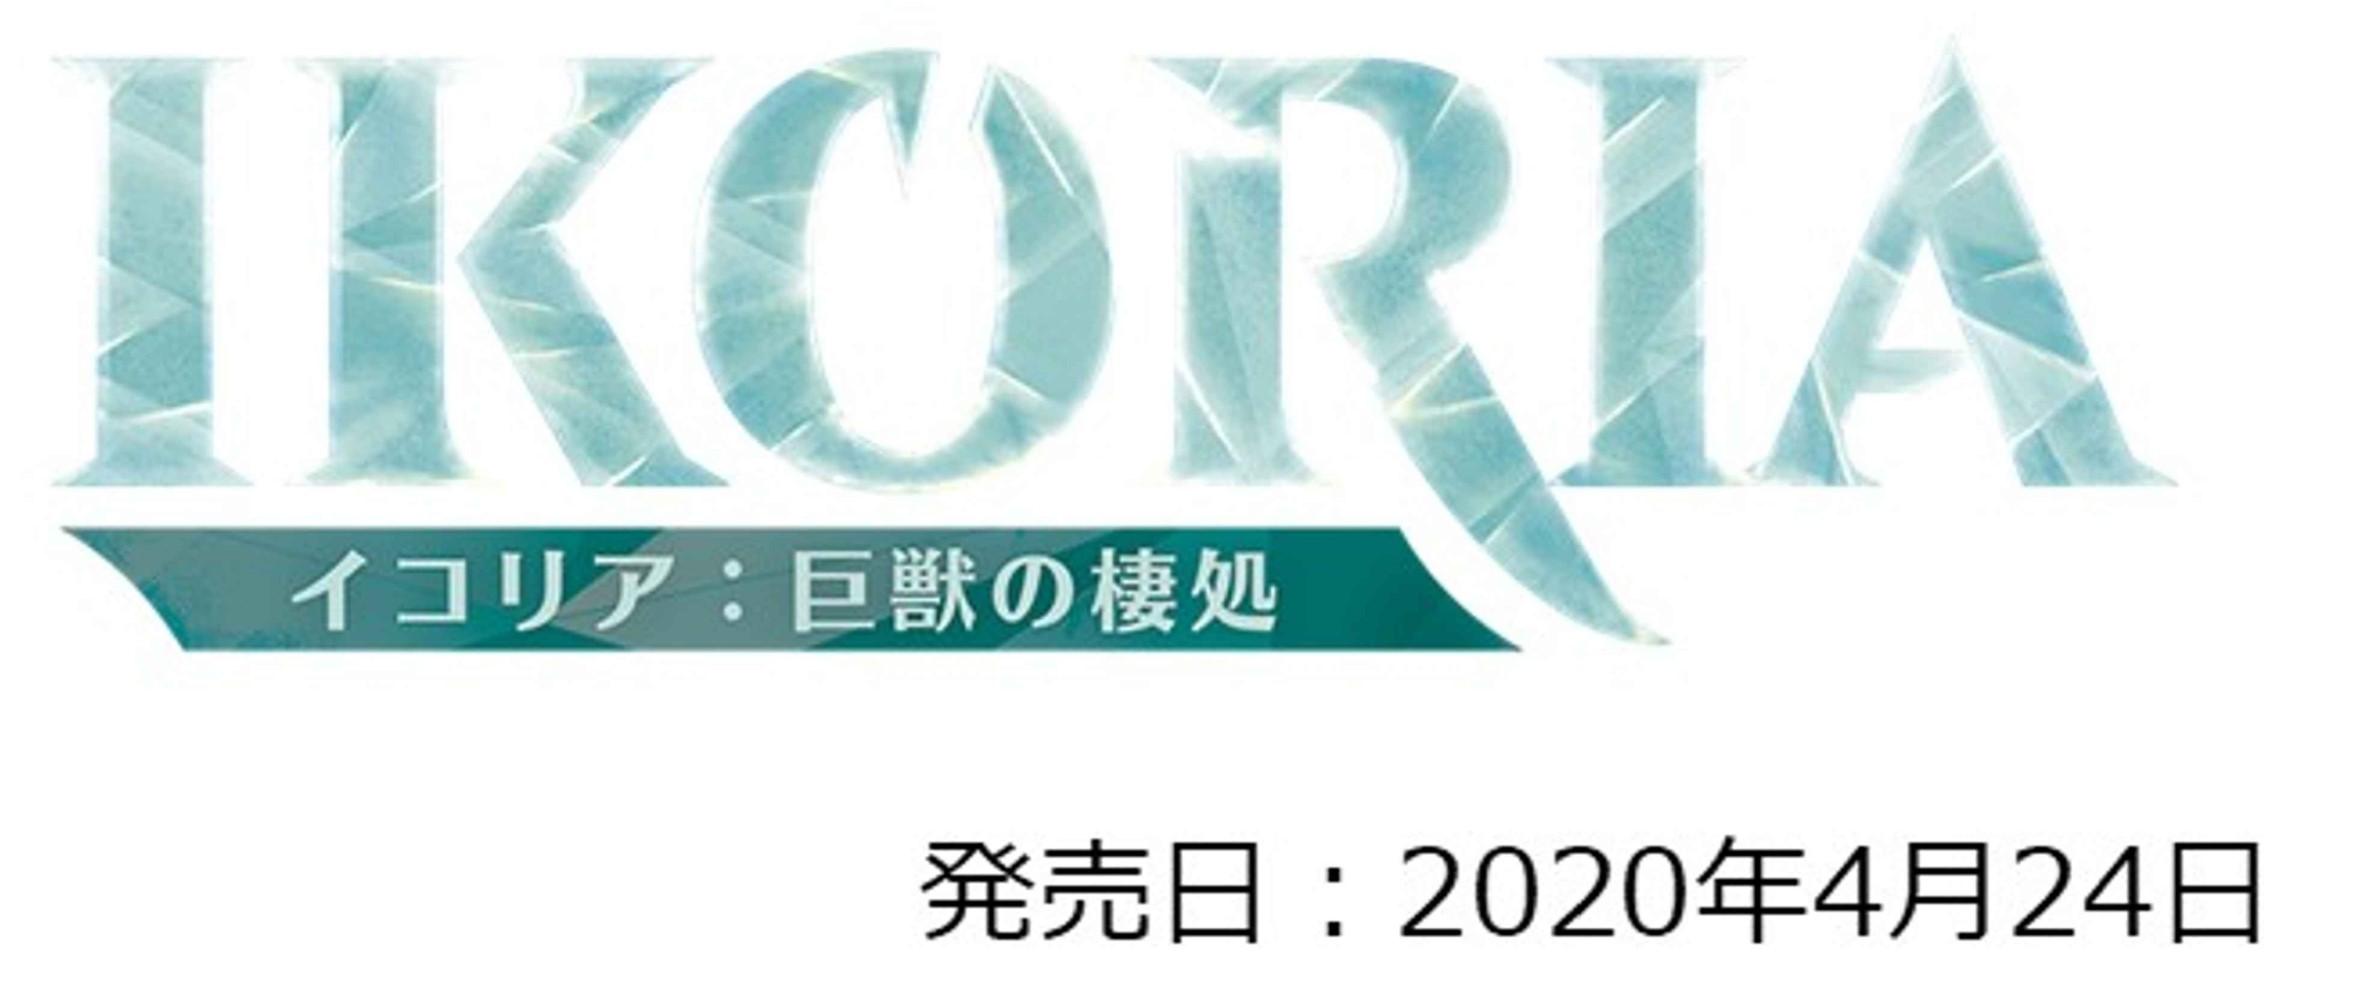 Ikoria: Lair of Behemoths Booster Pack - Japanese